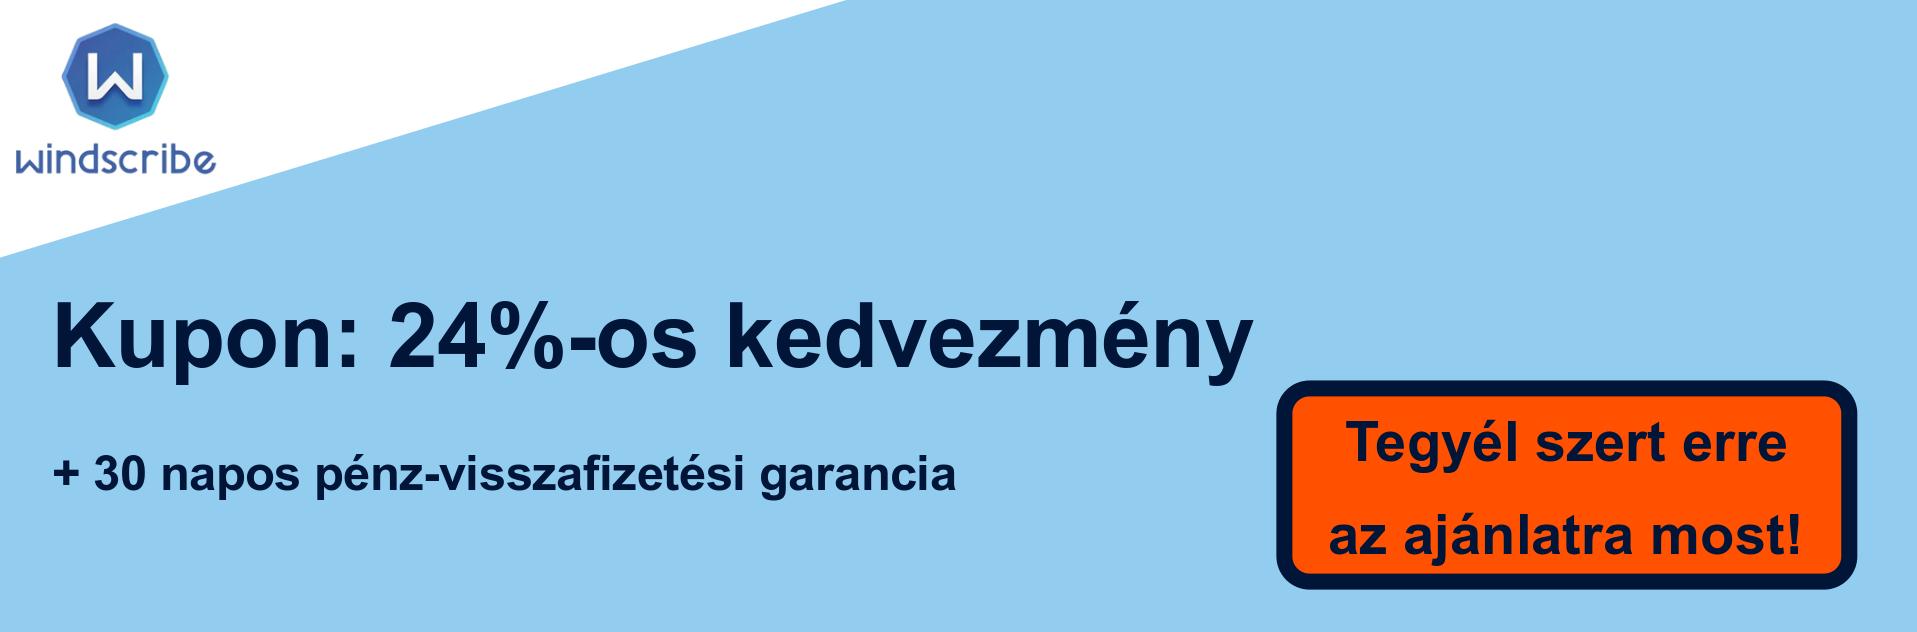 WindScribe VPN szelvény banner - 24% kedvezmény